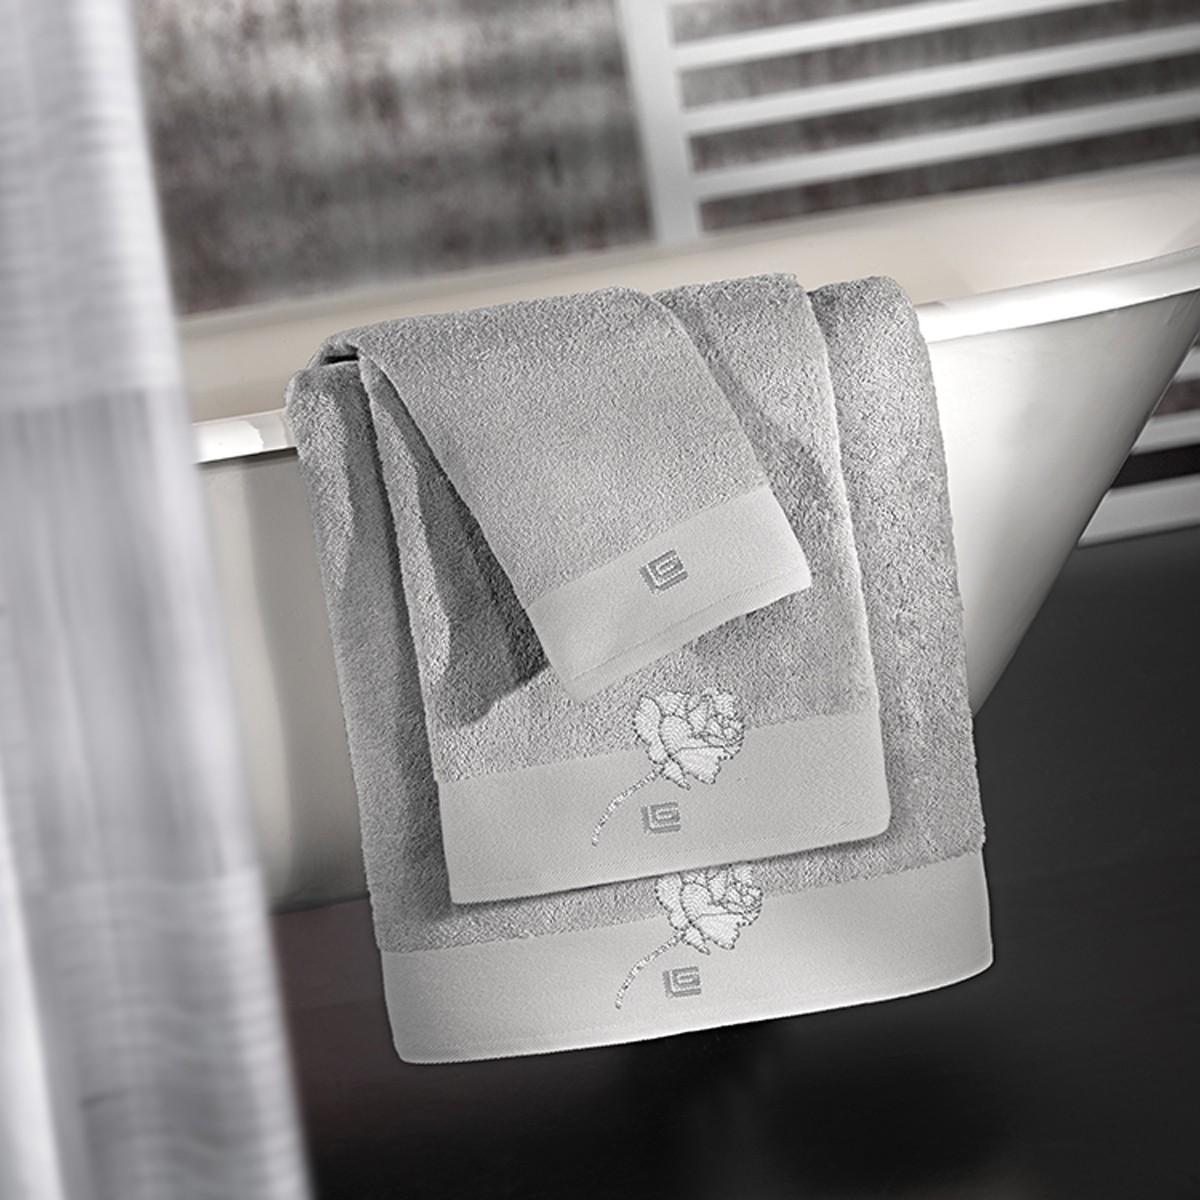 Πετσέτες Μπάνιου (Σετ 3τμχ) Guy Laroche Celia Silver